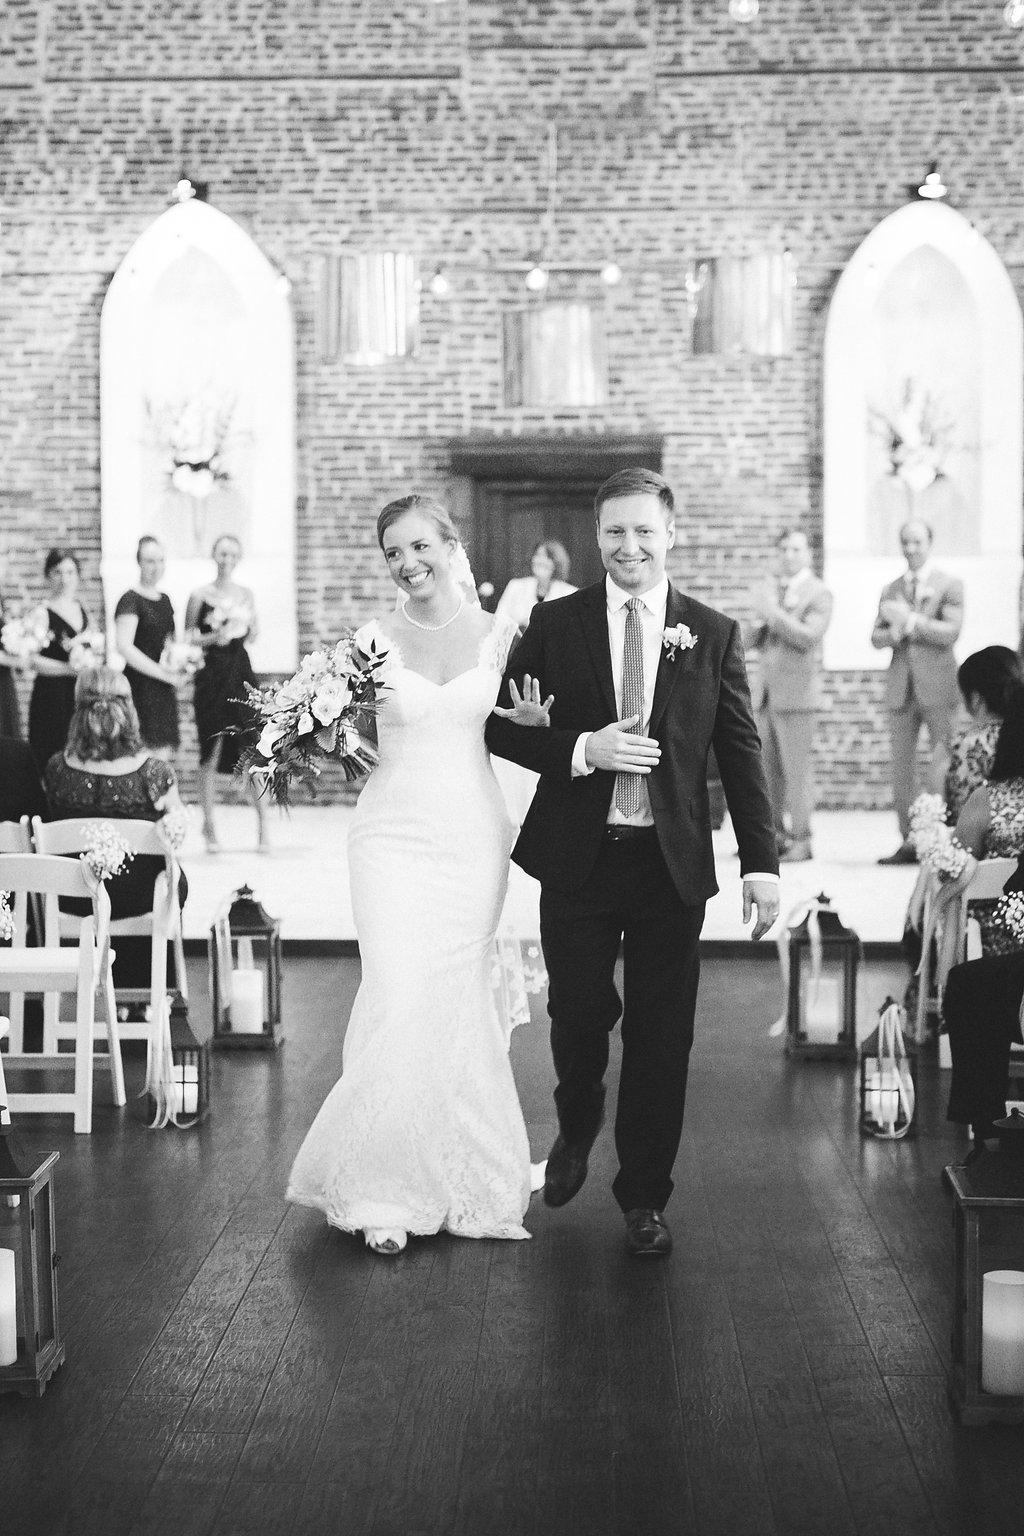 wedding_ceremony_exit